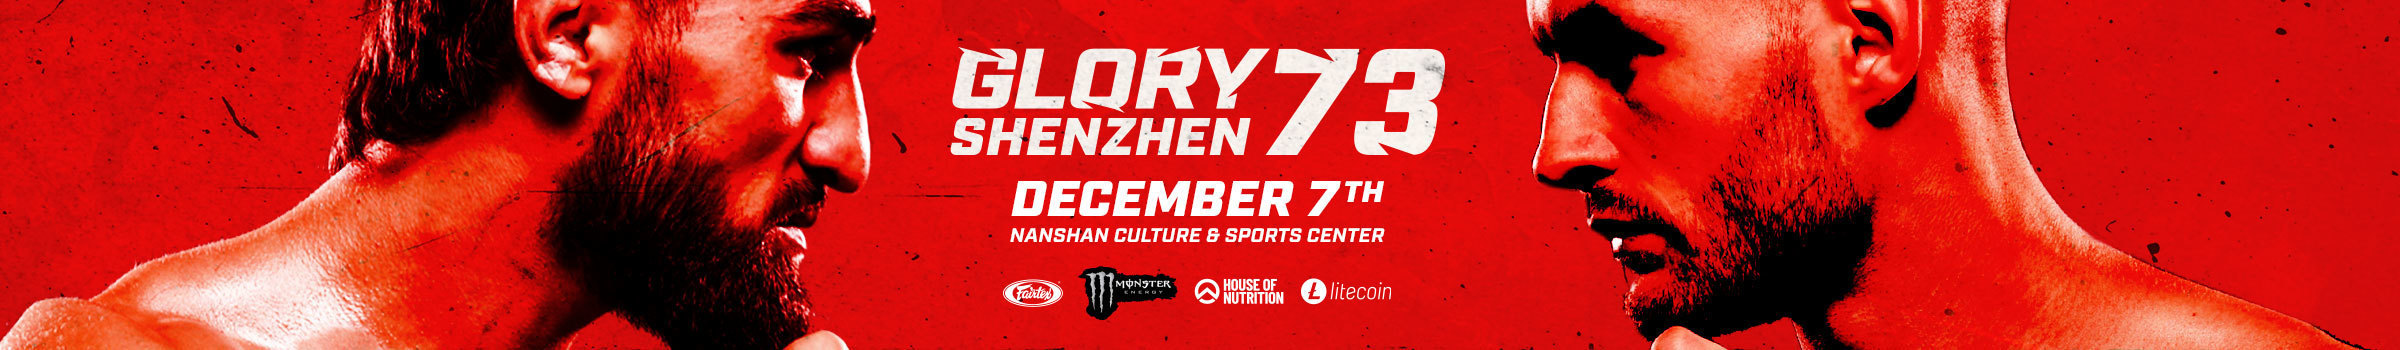 GLORY 73 SHENZHEN